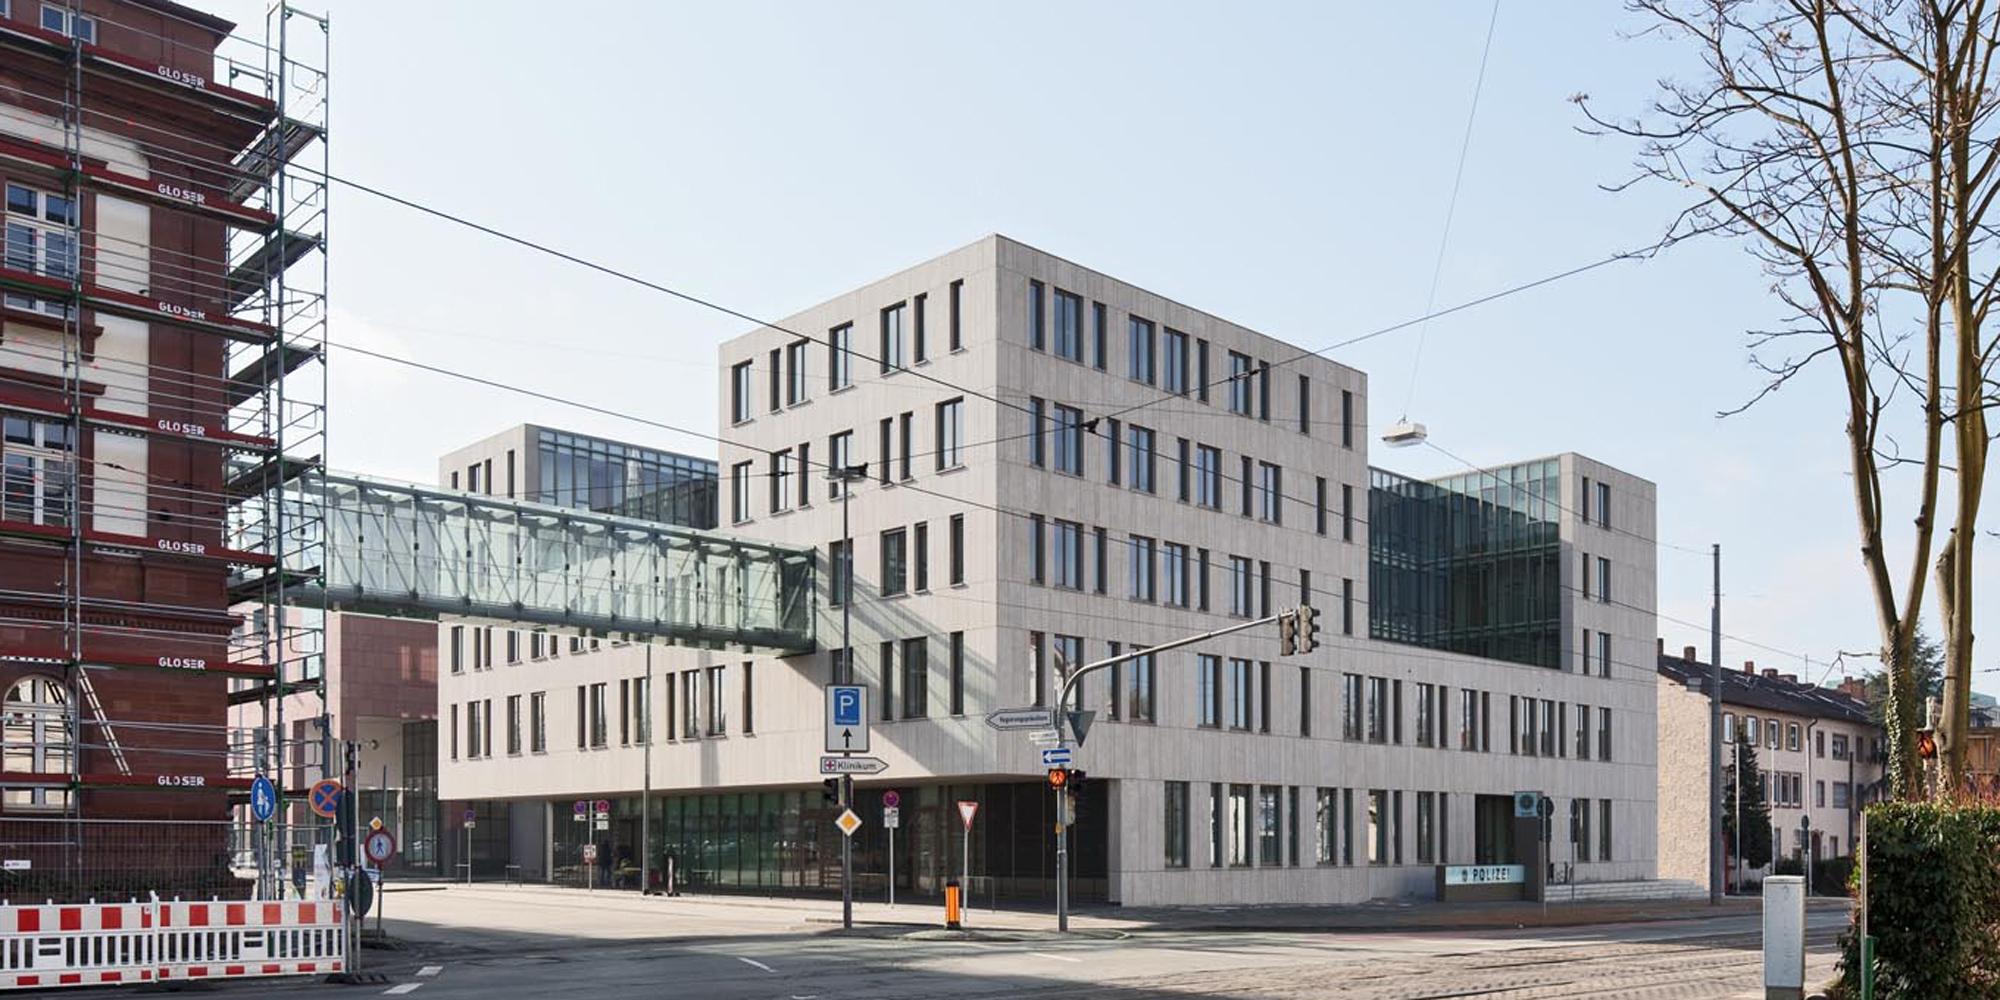 Justizzentrum, Oberlandesgericht und Polizeipräsidium